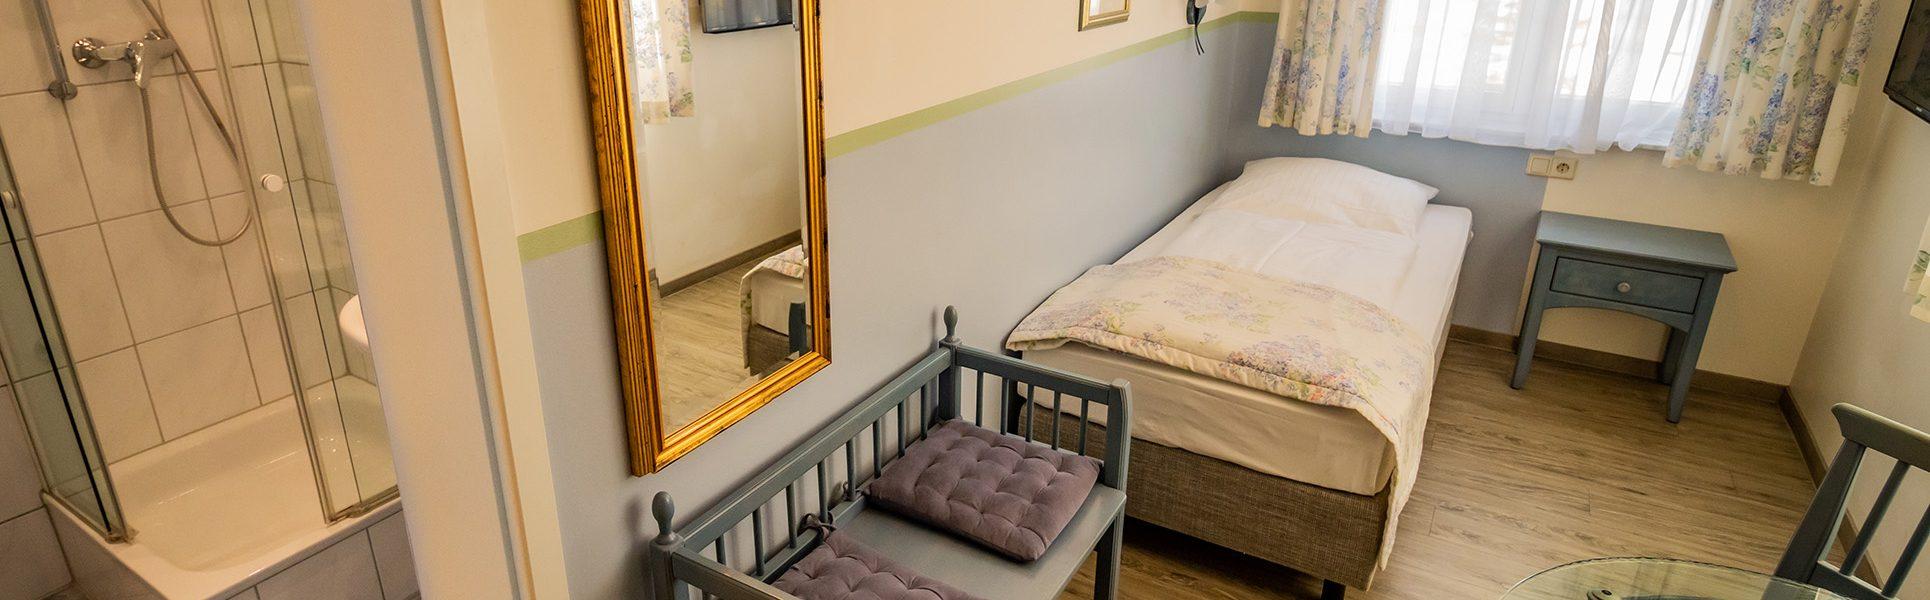 Hotel Rössle Weingarten Einzelzimmer